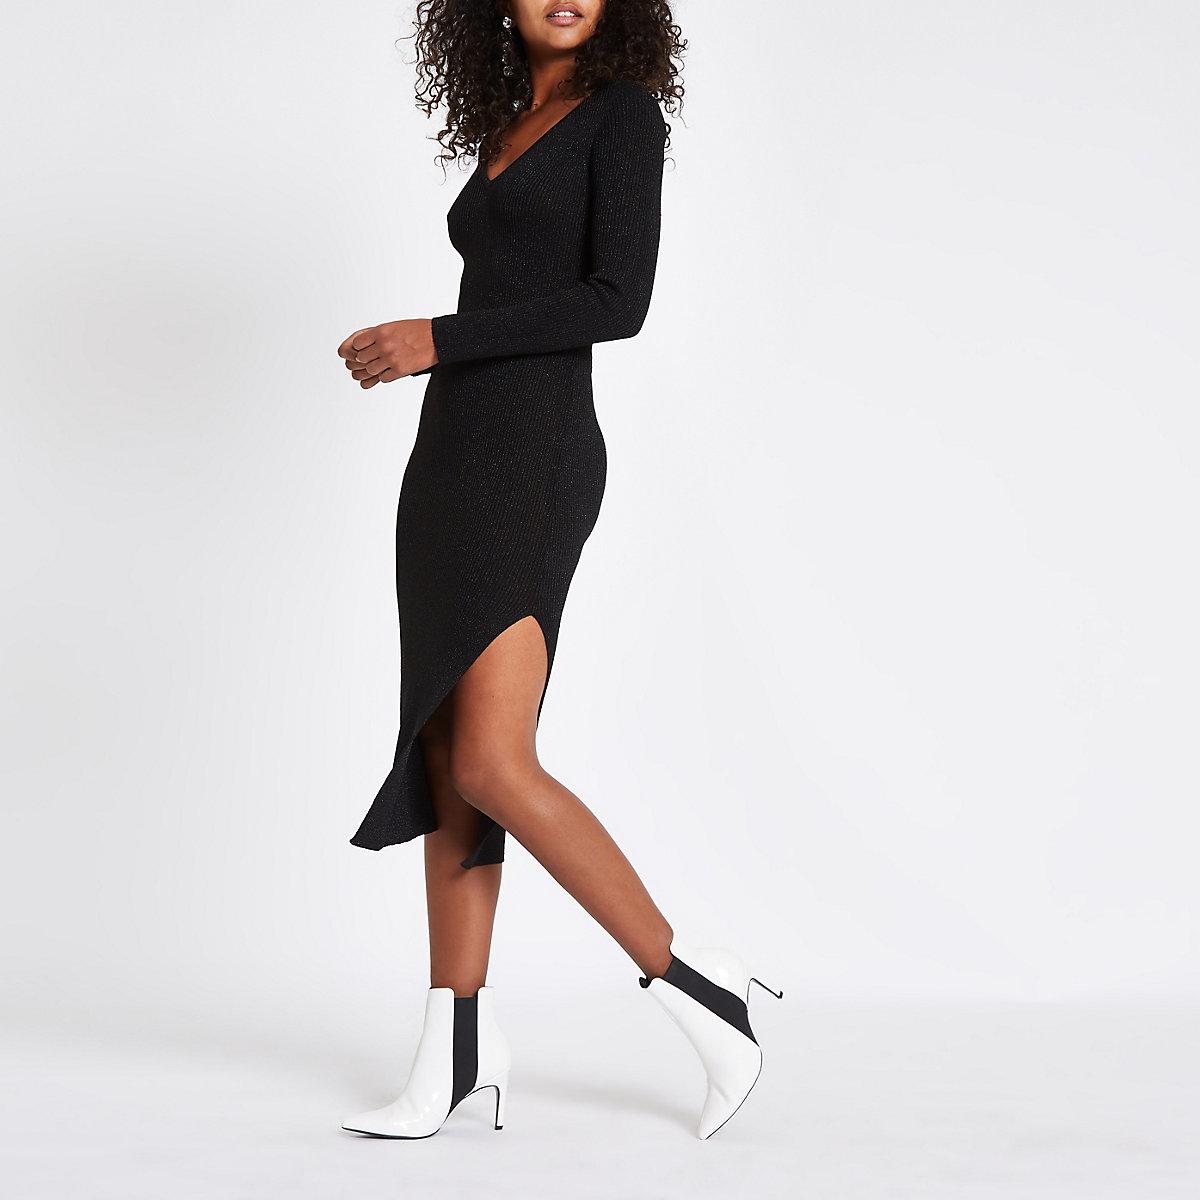 Black V neck knitted dress